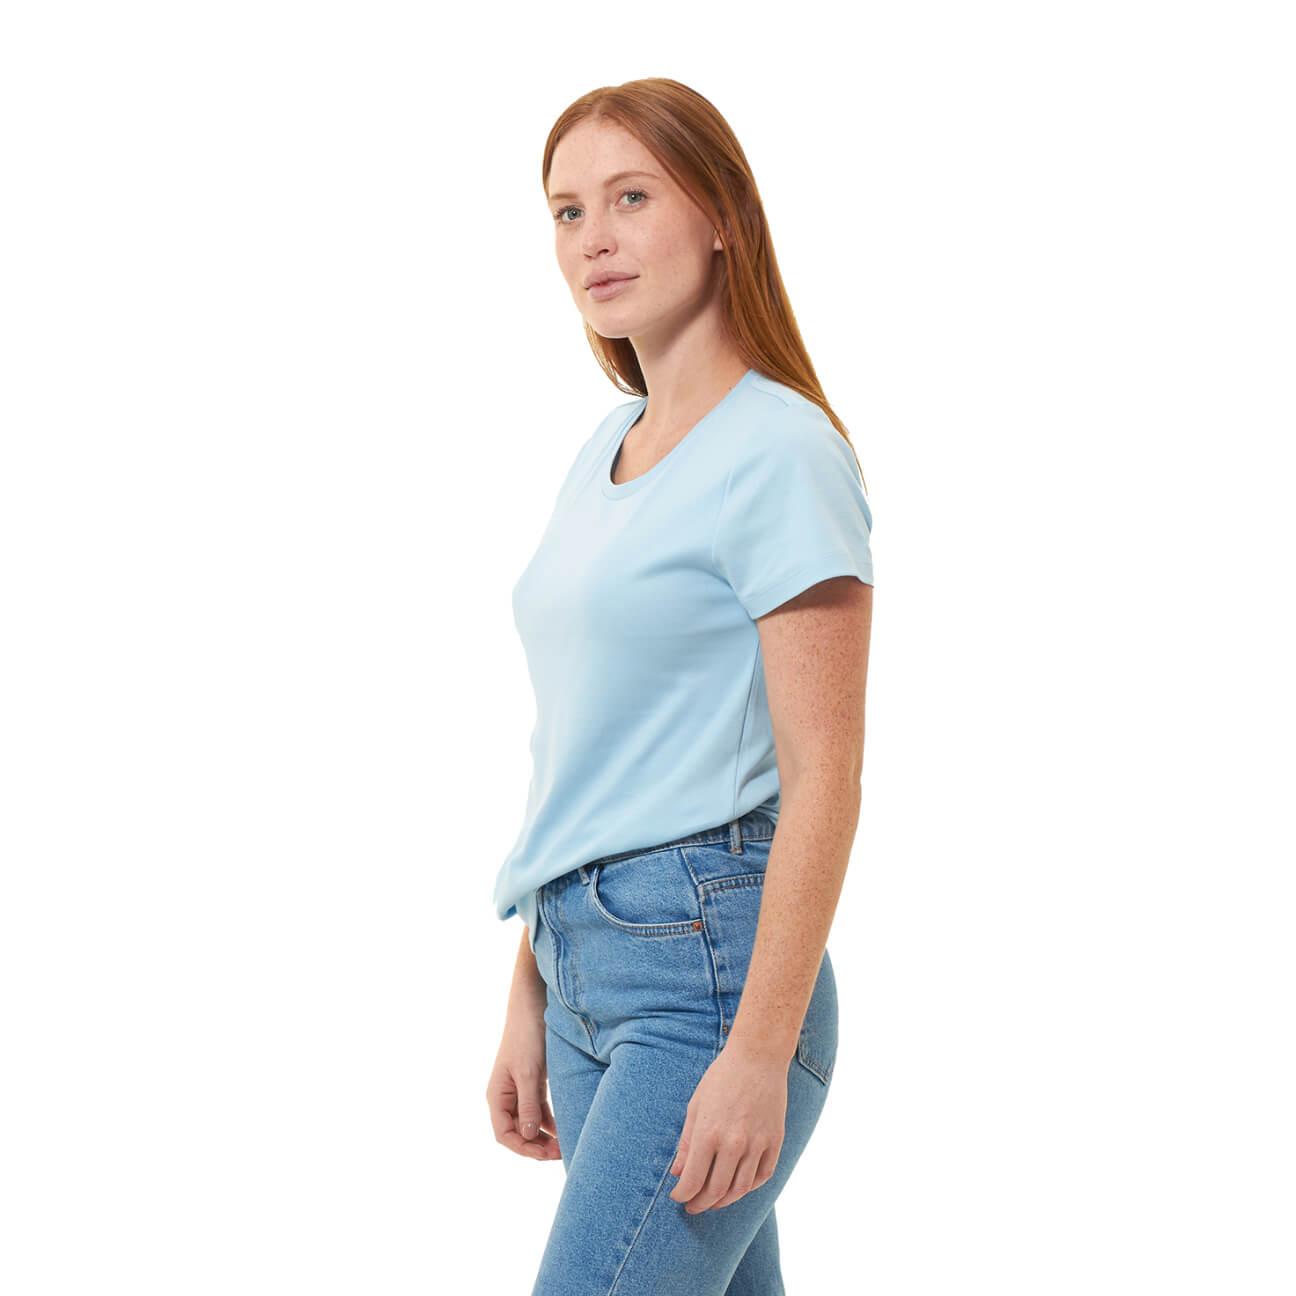 Franela basica dama cuello redondo azul claro lado